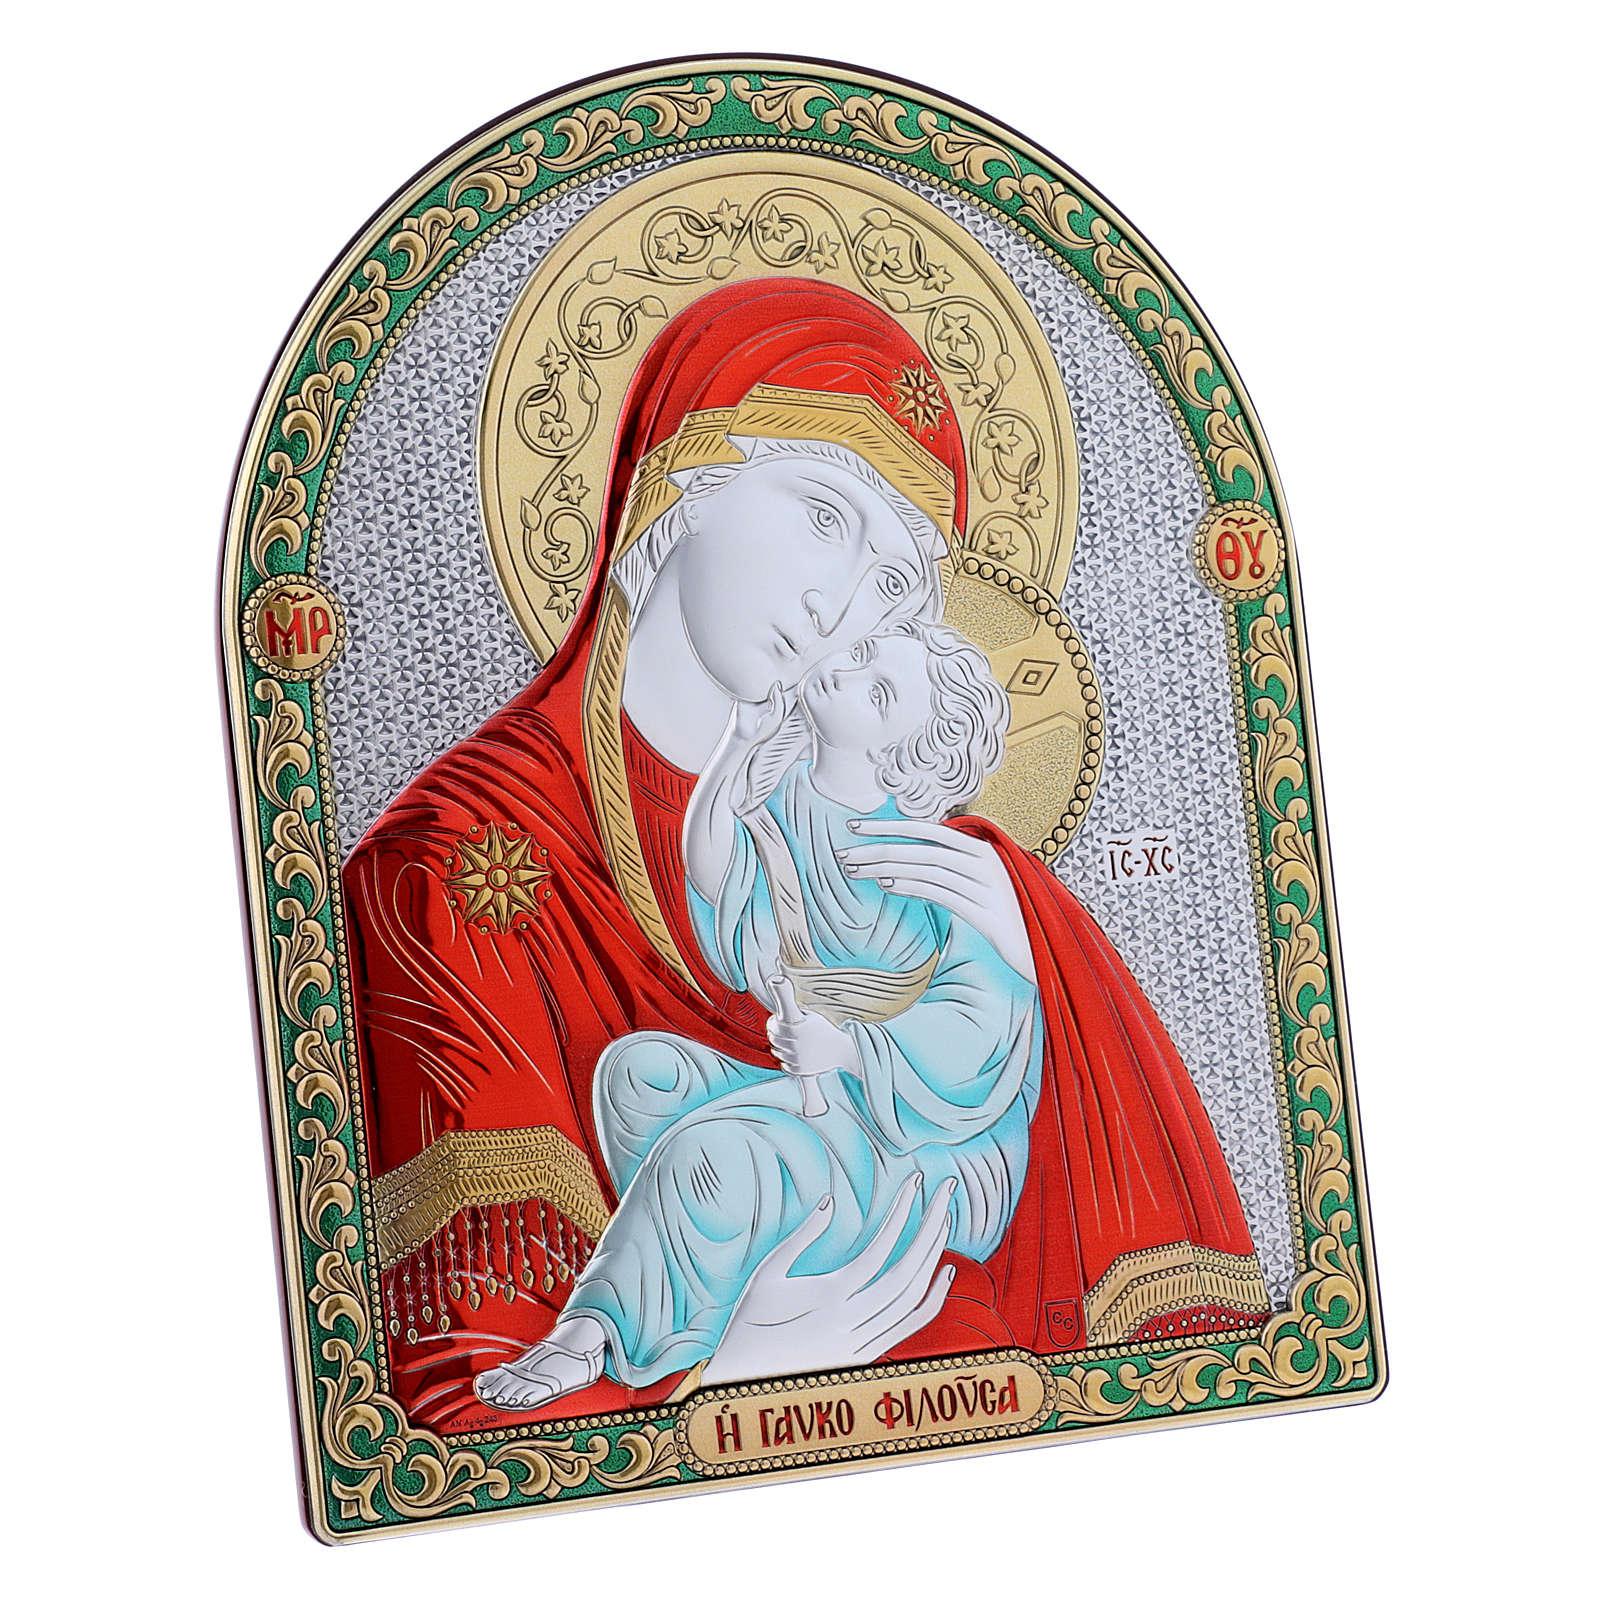 Quadro bilaminato retro legno pregiato finiture oro madonna Vladimir rossa 24,5X20 cm 4